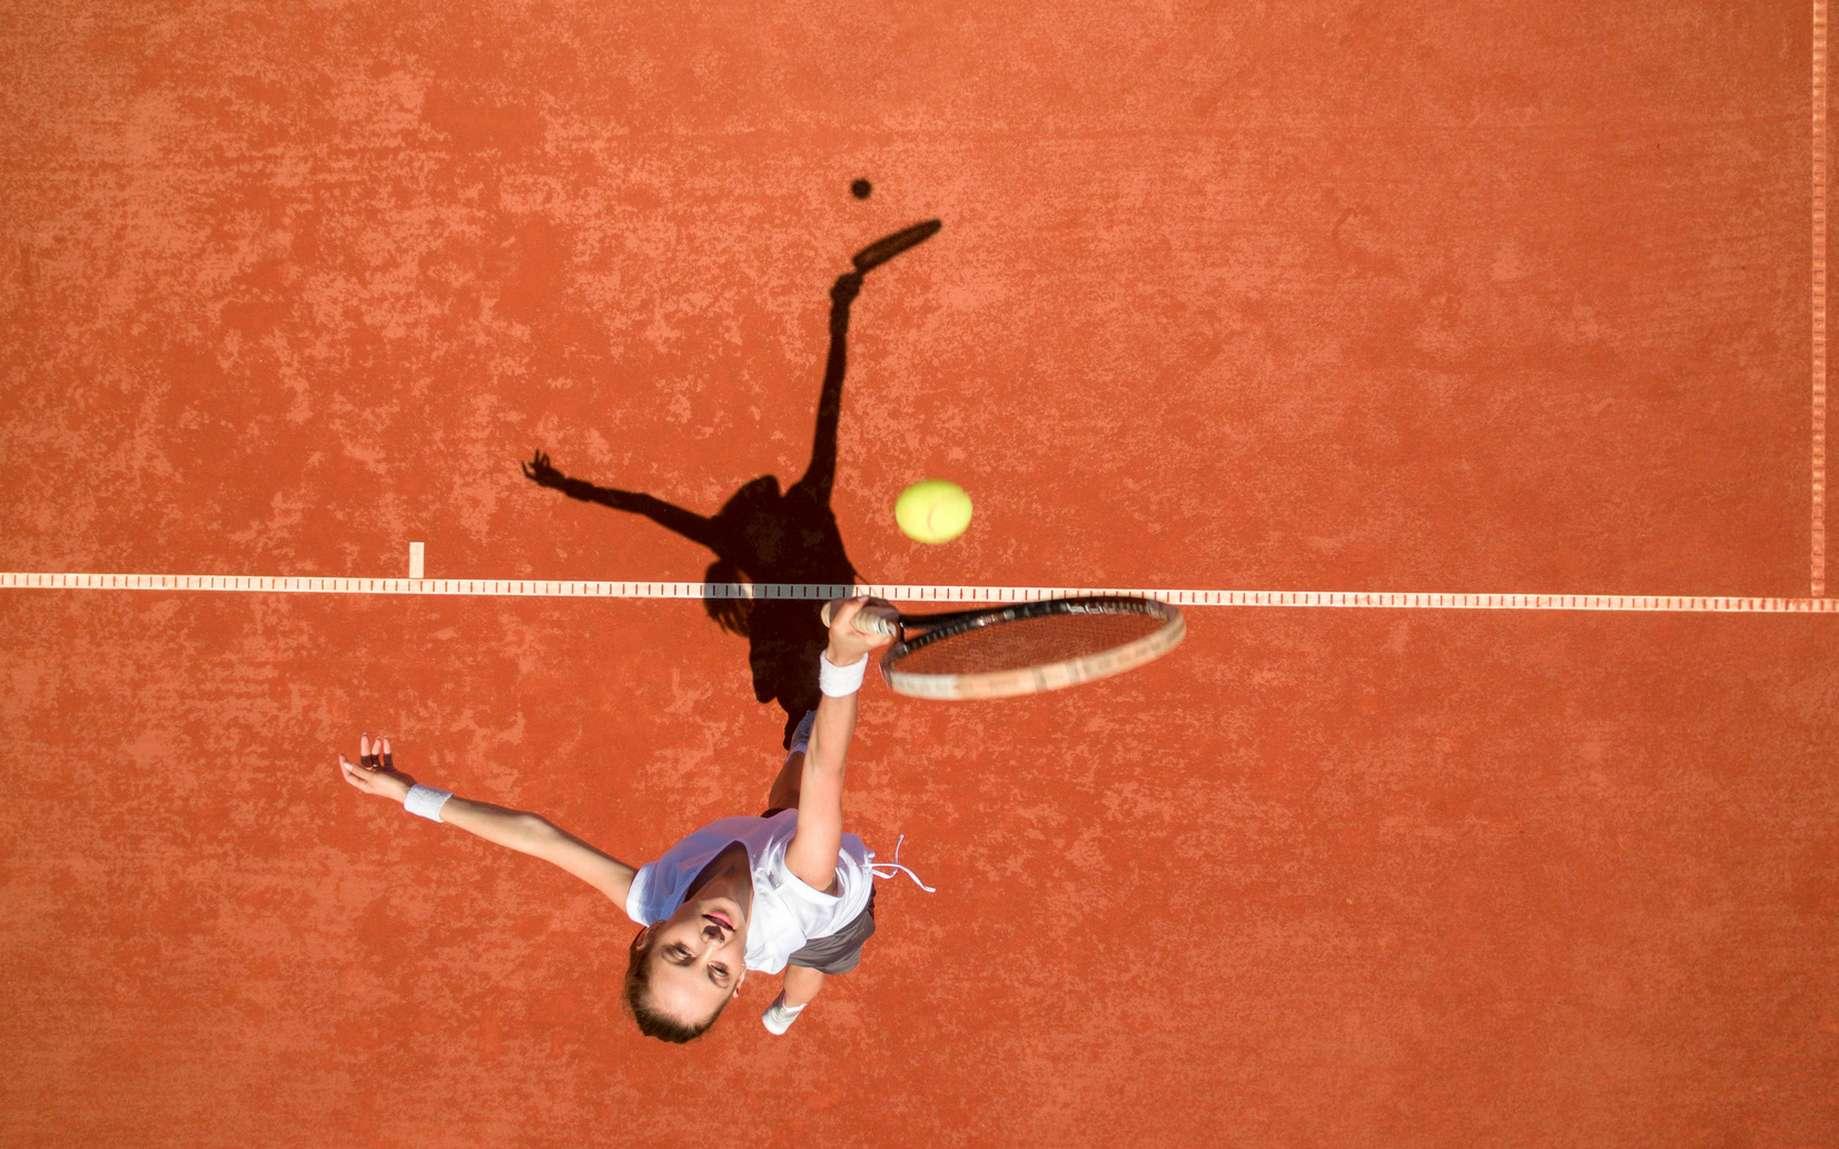 Tennis : est-ce que crier, c'est tricher ? © luckybusiness, Fotolia